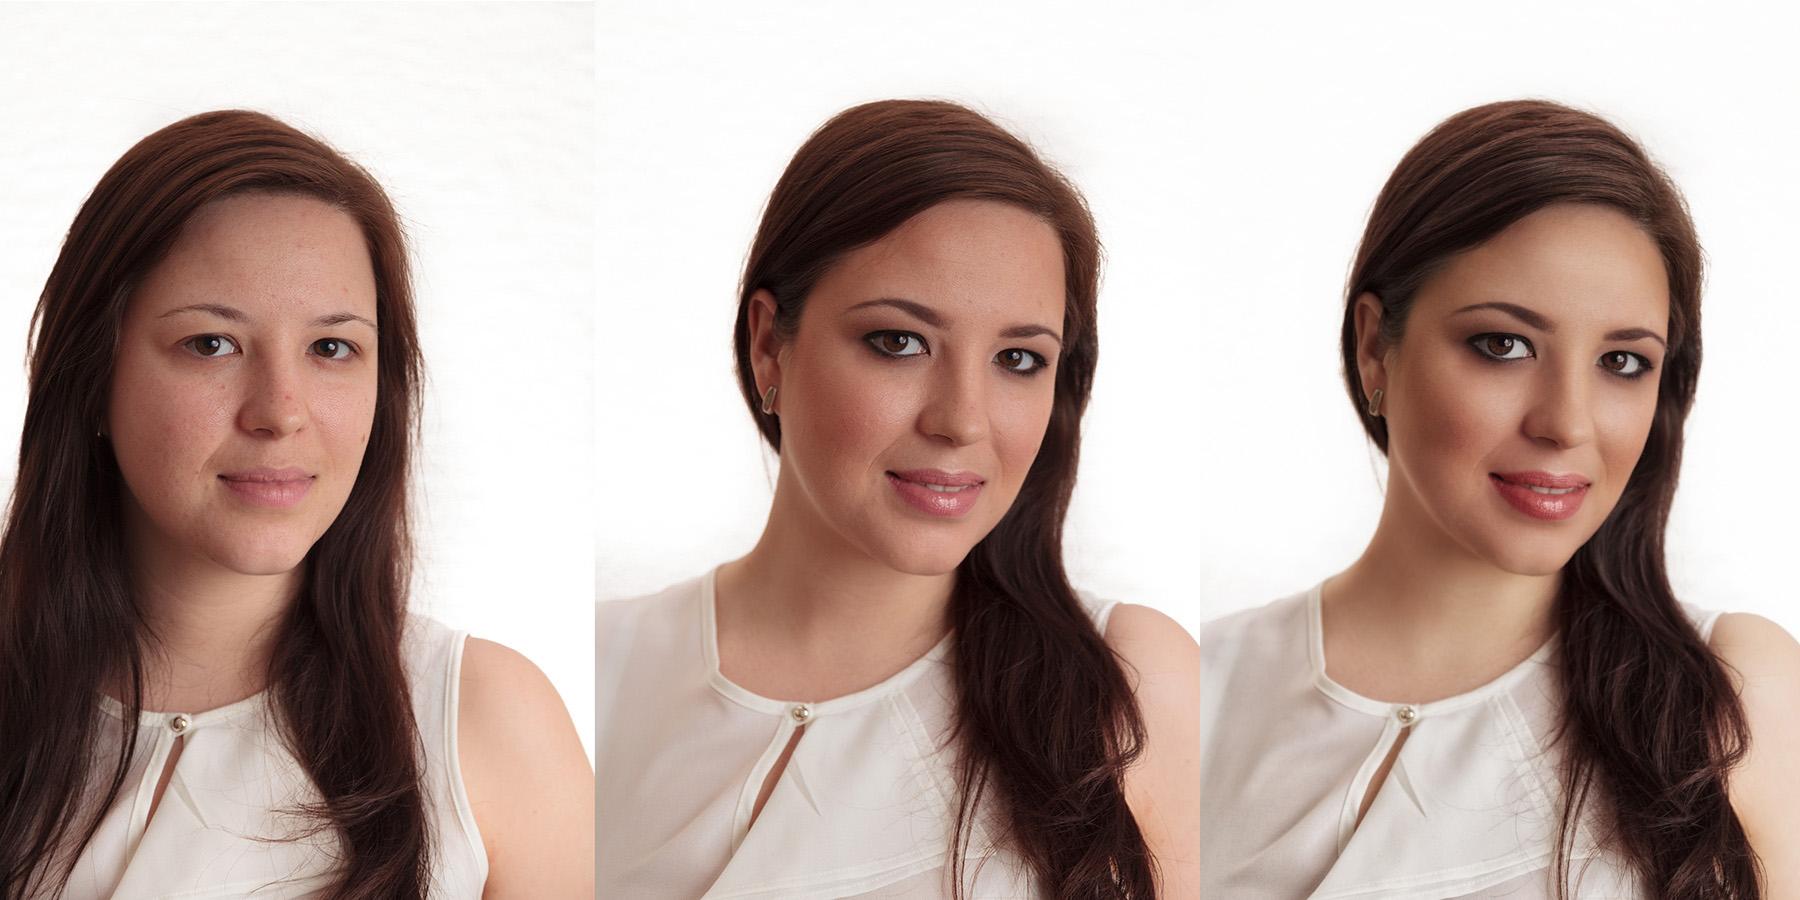 Jan Zeman profesionální portrétní fotograf Praha glamour boudoir fashion módní fotograf retuše portrétů